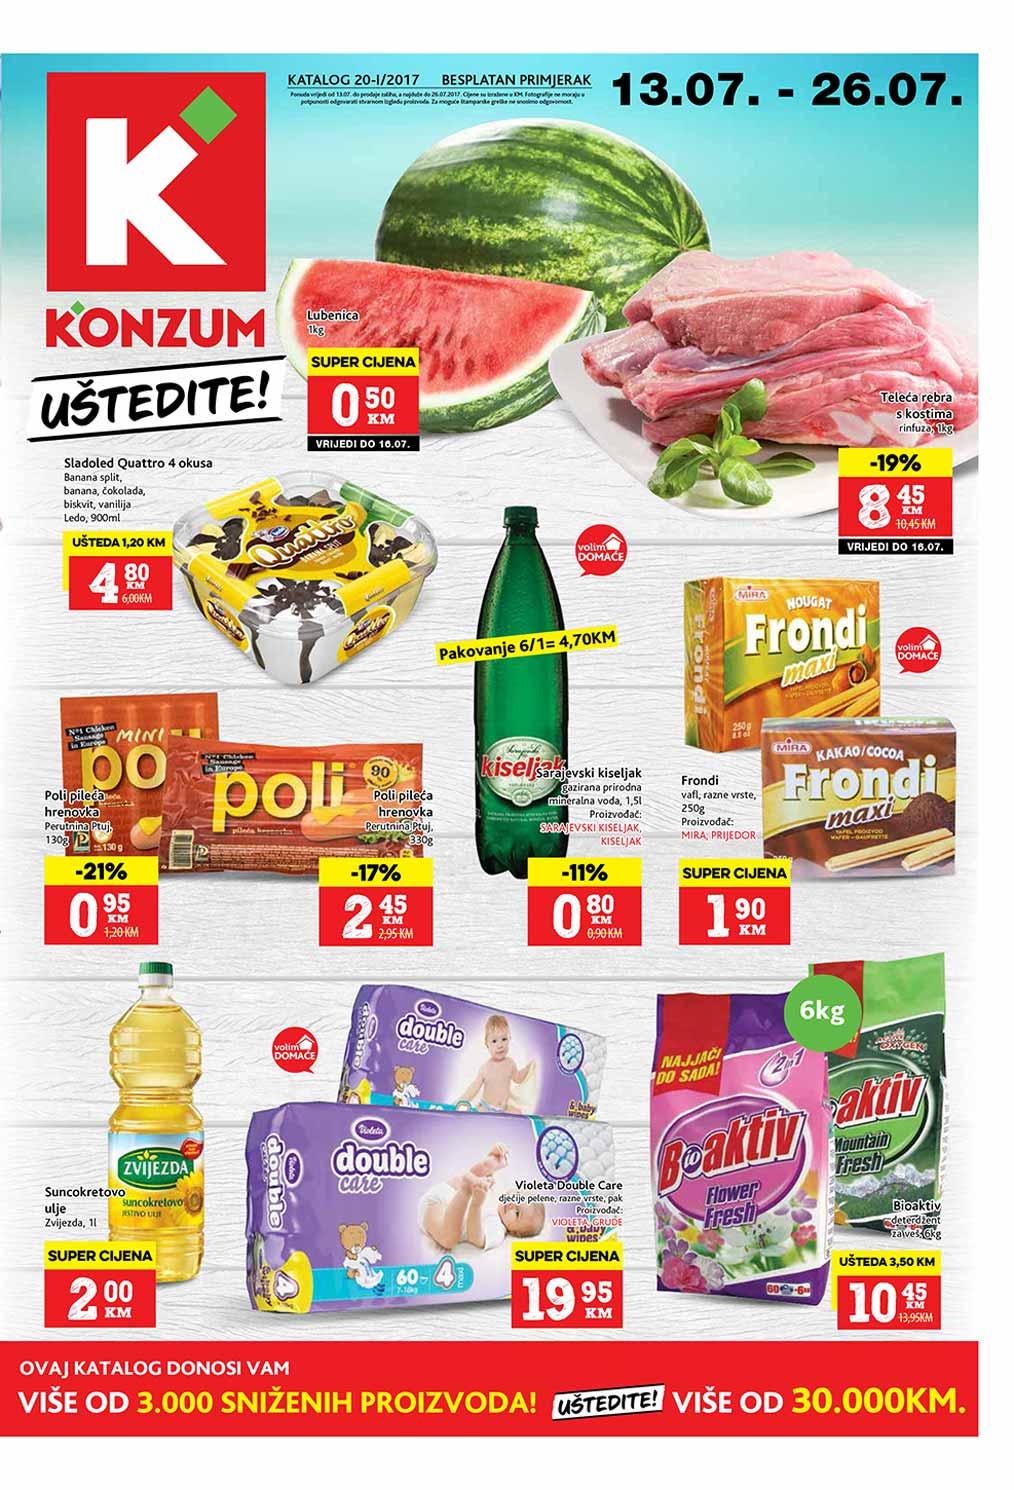 Konzum katalog - 26.07.2017.